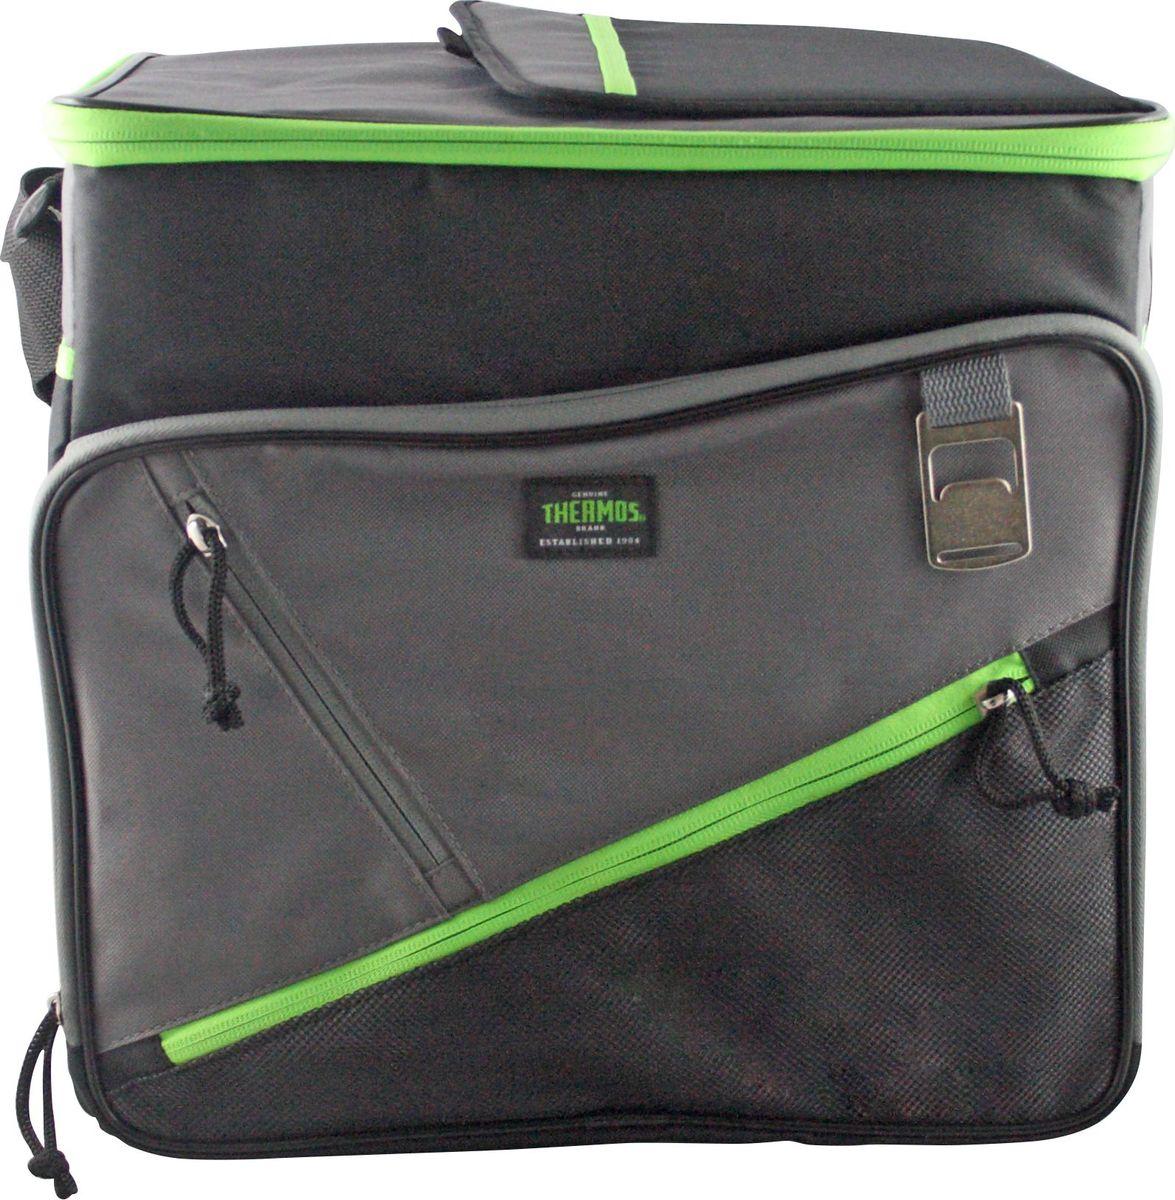 Сумка-термос Thermos Berkley 36 Can Cooler, цвет: зеленый, 30 лKOC-H19-LEDТермо-сумка отличается легкостью и компактностью. Все сумки складываются и фиксируются в сложенном положении что облегчает хранение. Внутреннее наполнение стенок позволяет сохранять продукты замороженными, свежими или теплыми длительное время. Внутренняя поверхность обладает 100% герметичностью. При перевозке жидкостей это позволяет избежать протеканий.